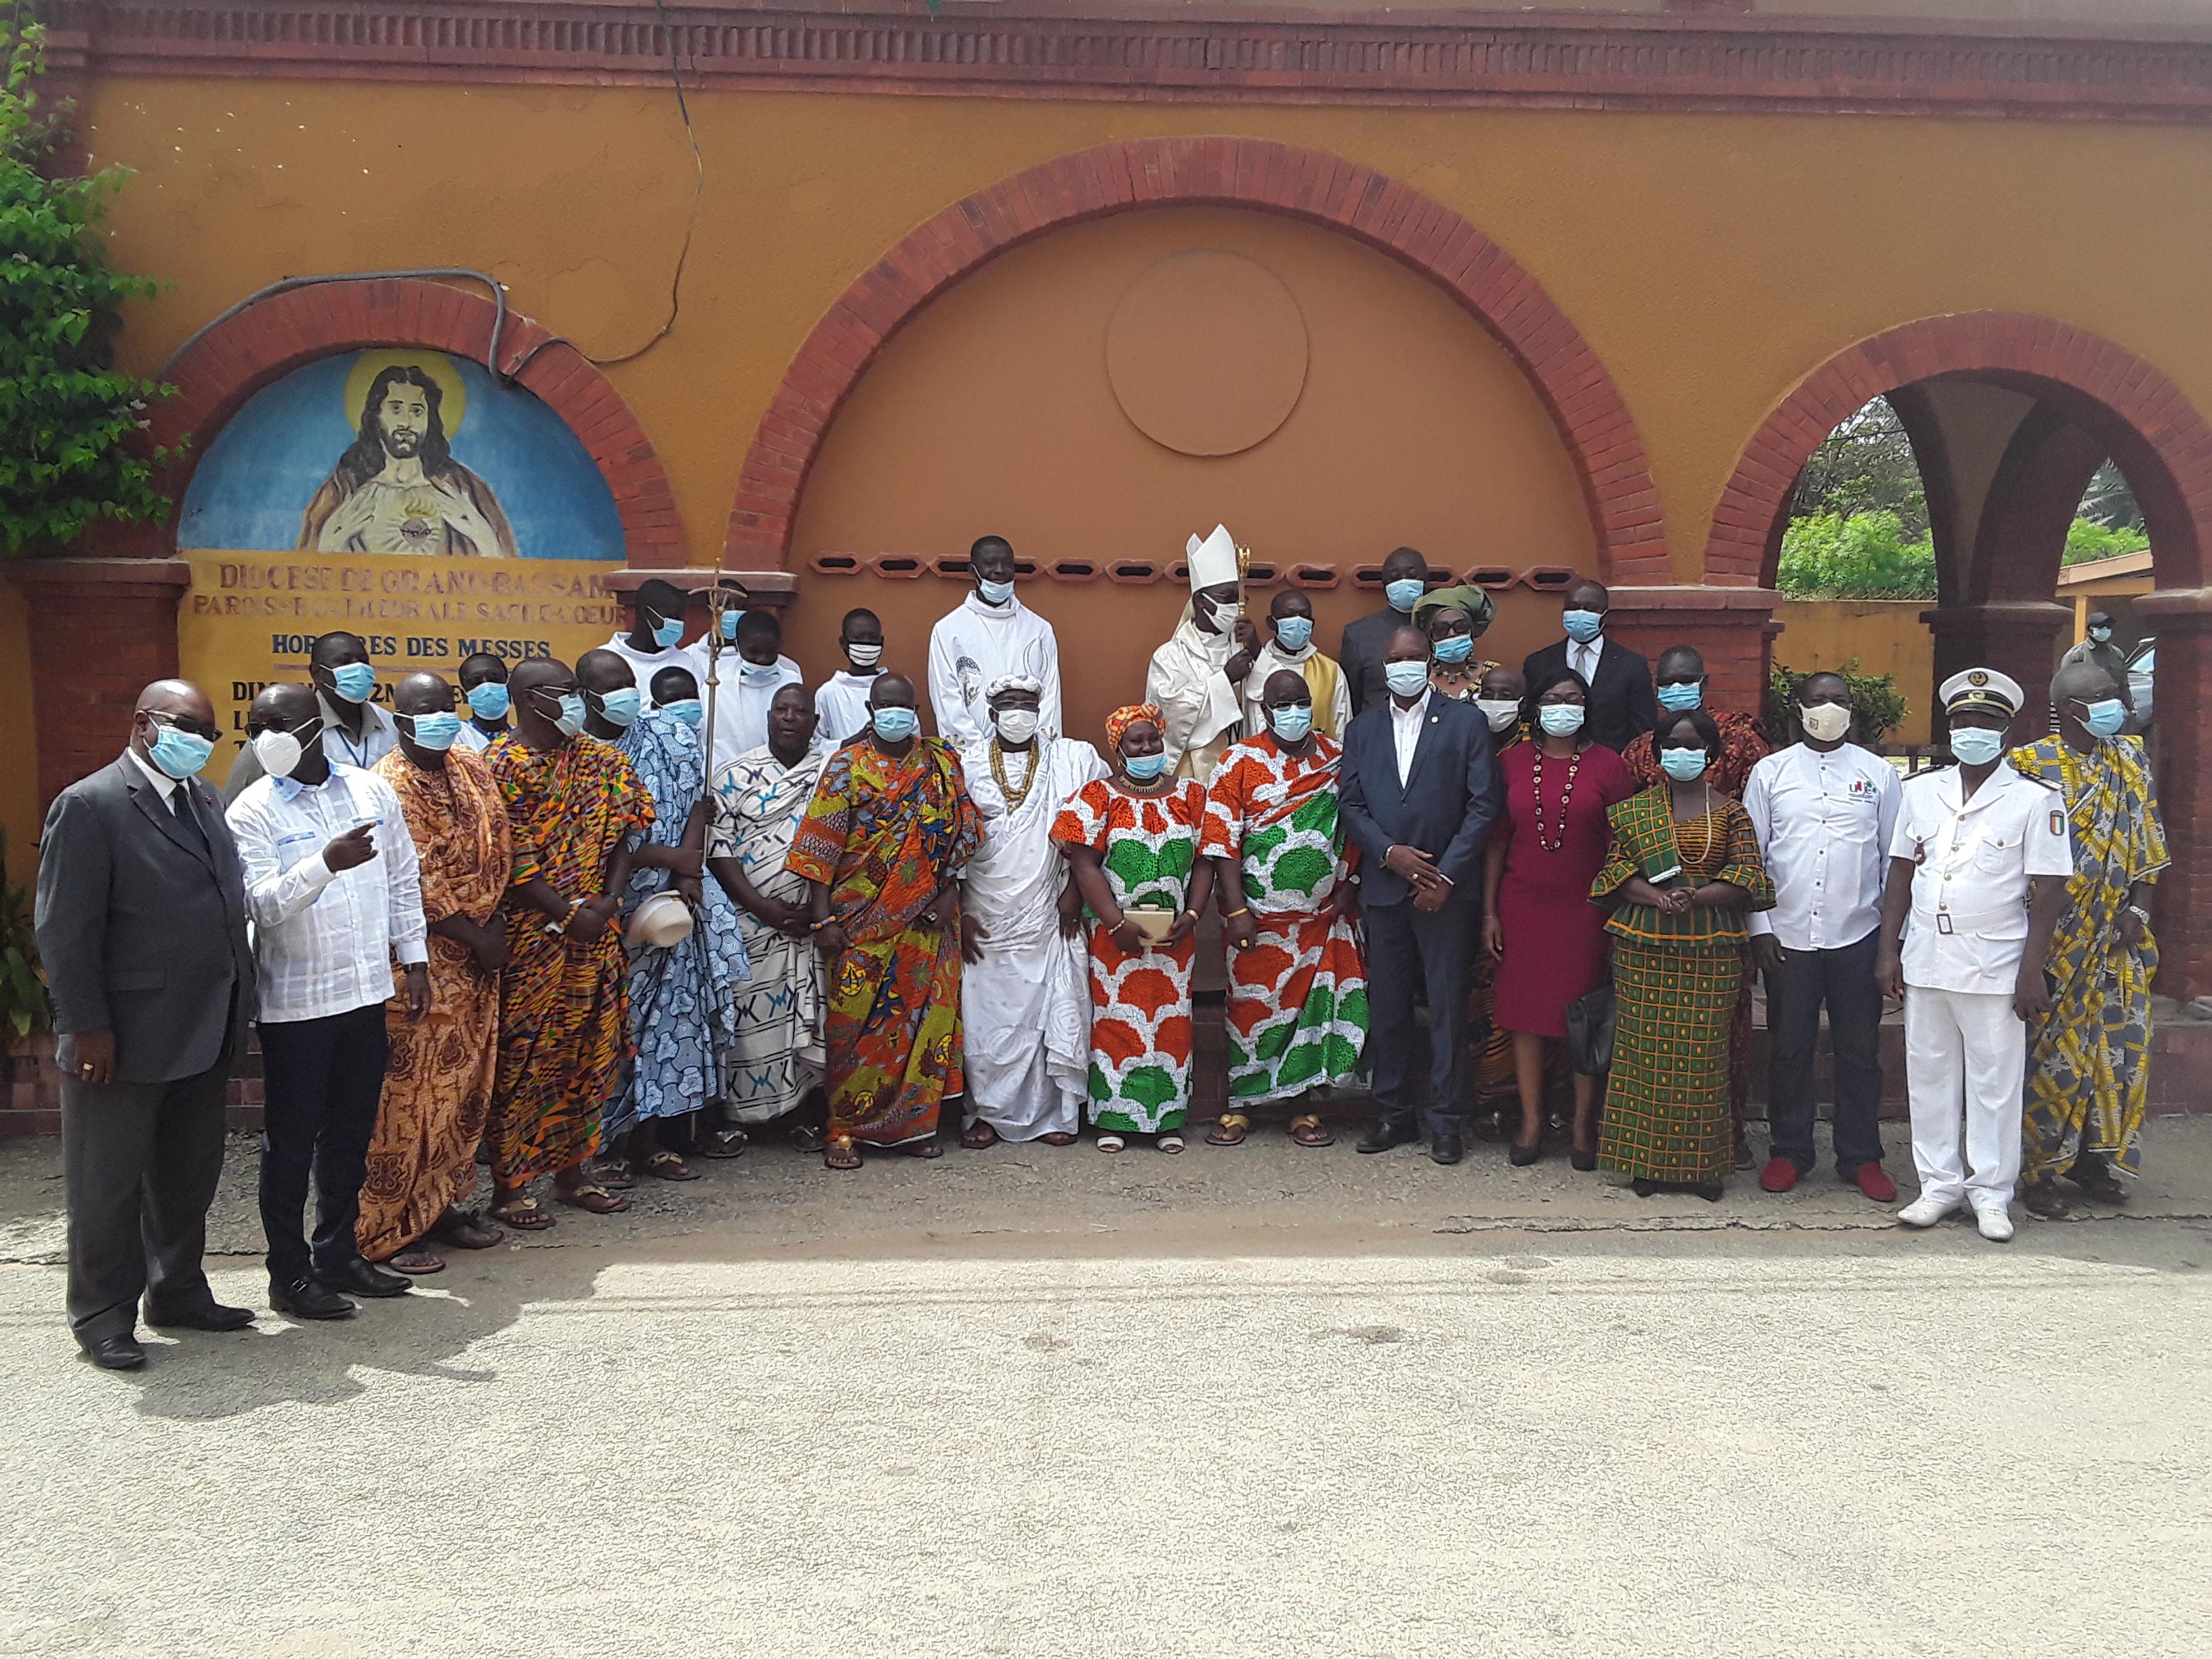 Cote d'Ivoire,Grand-Bassam,Jean-Louis Moulot